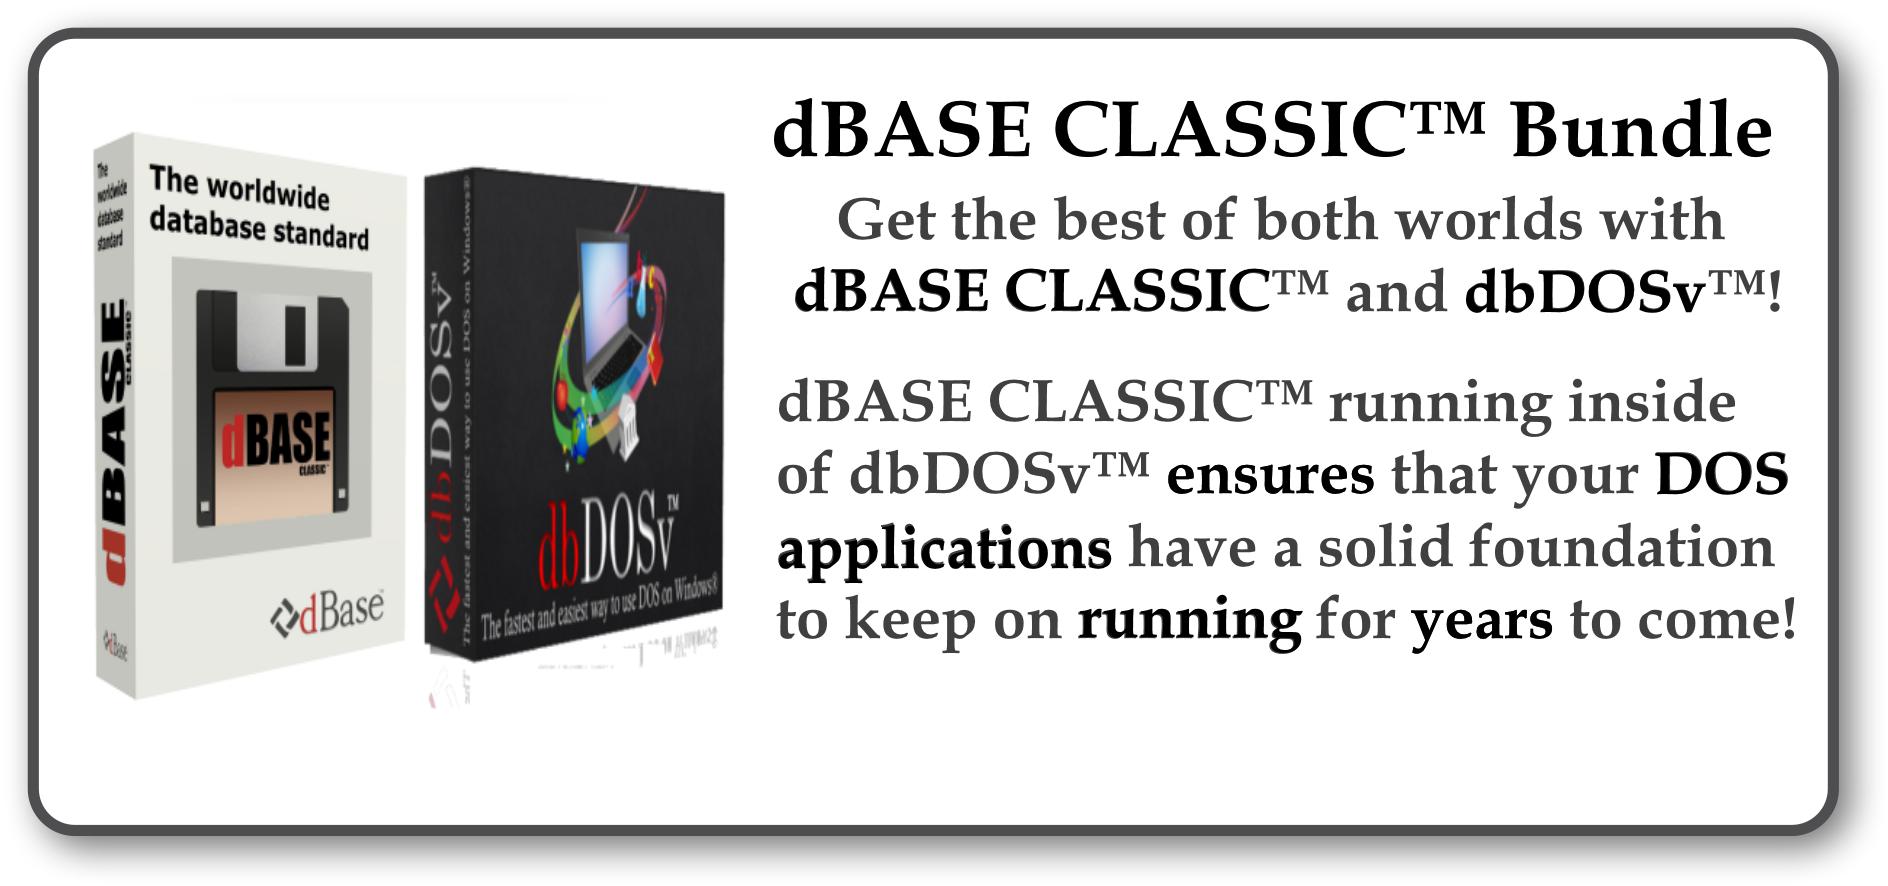 Buy dBASE CLASSIC BUNDLE